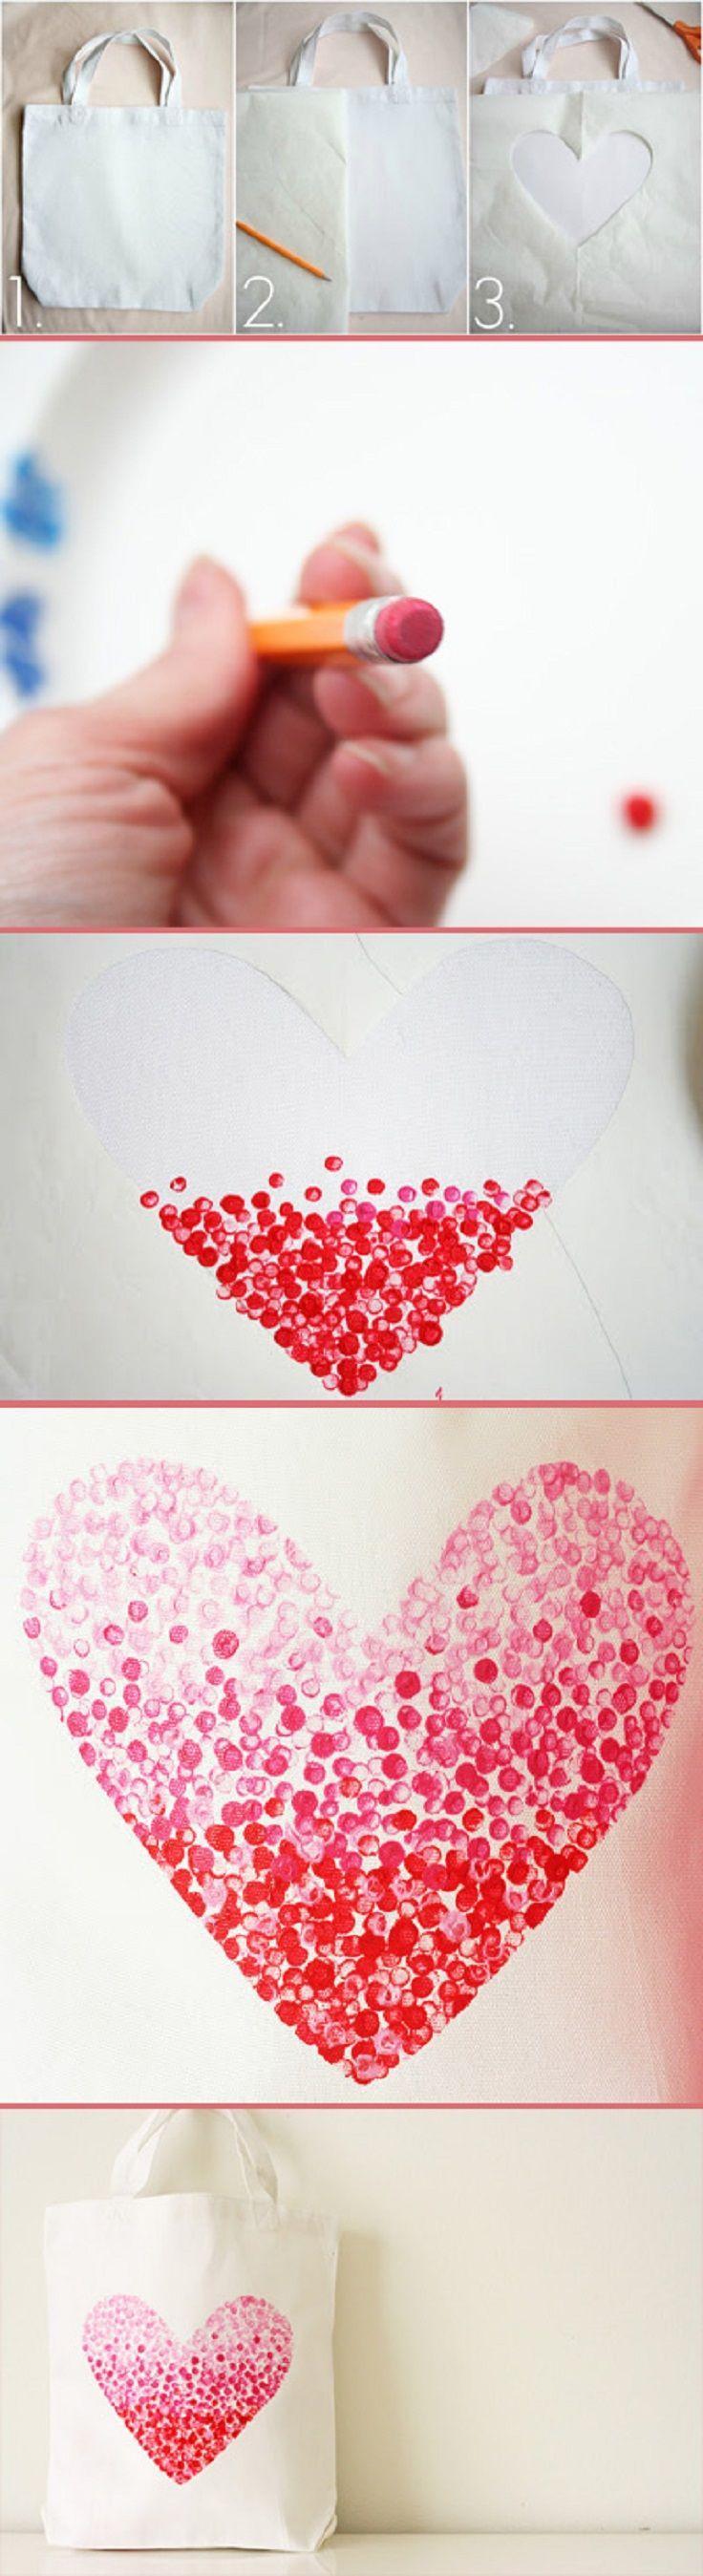 DIY Fabulous Heart Bag Herz herzchen Valentinstag Valentine Geschenk für Partner Sschatz Liebling Freund wonnewerk.de